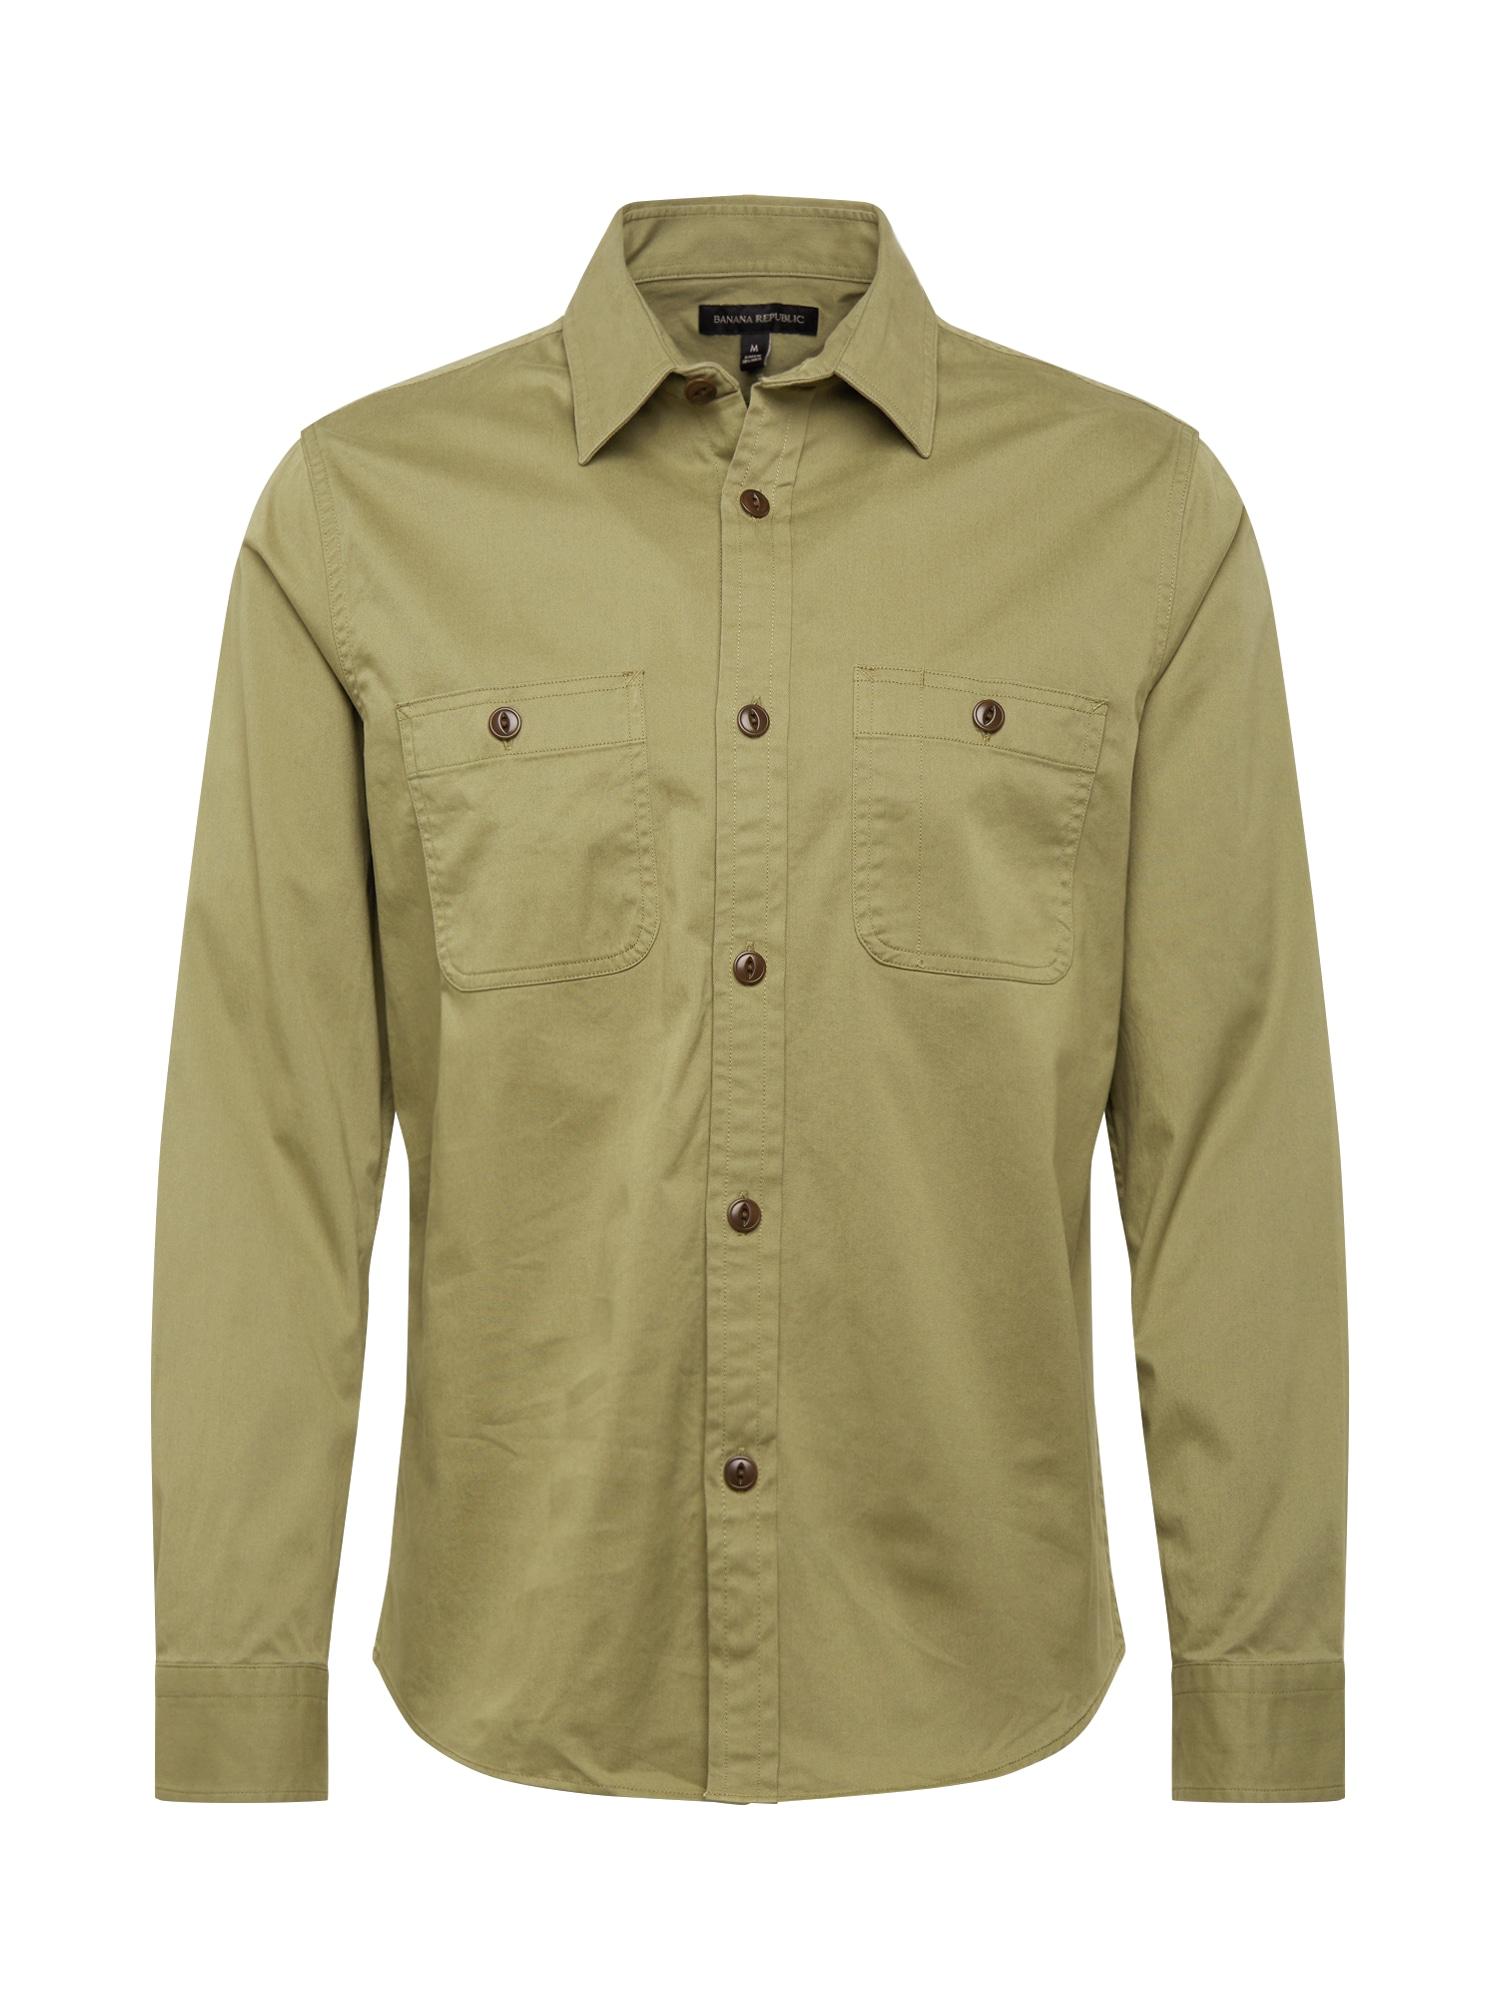 Banana Republic Dalykiniai marškiniai žalia